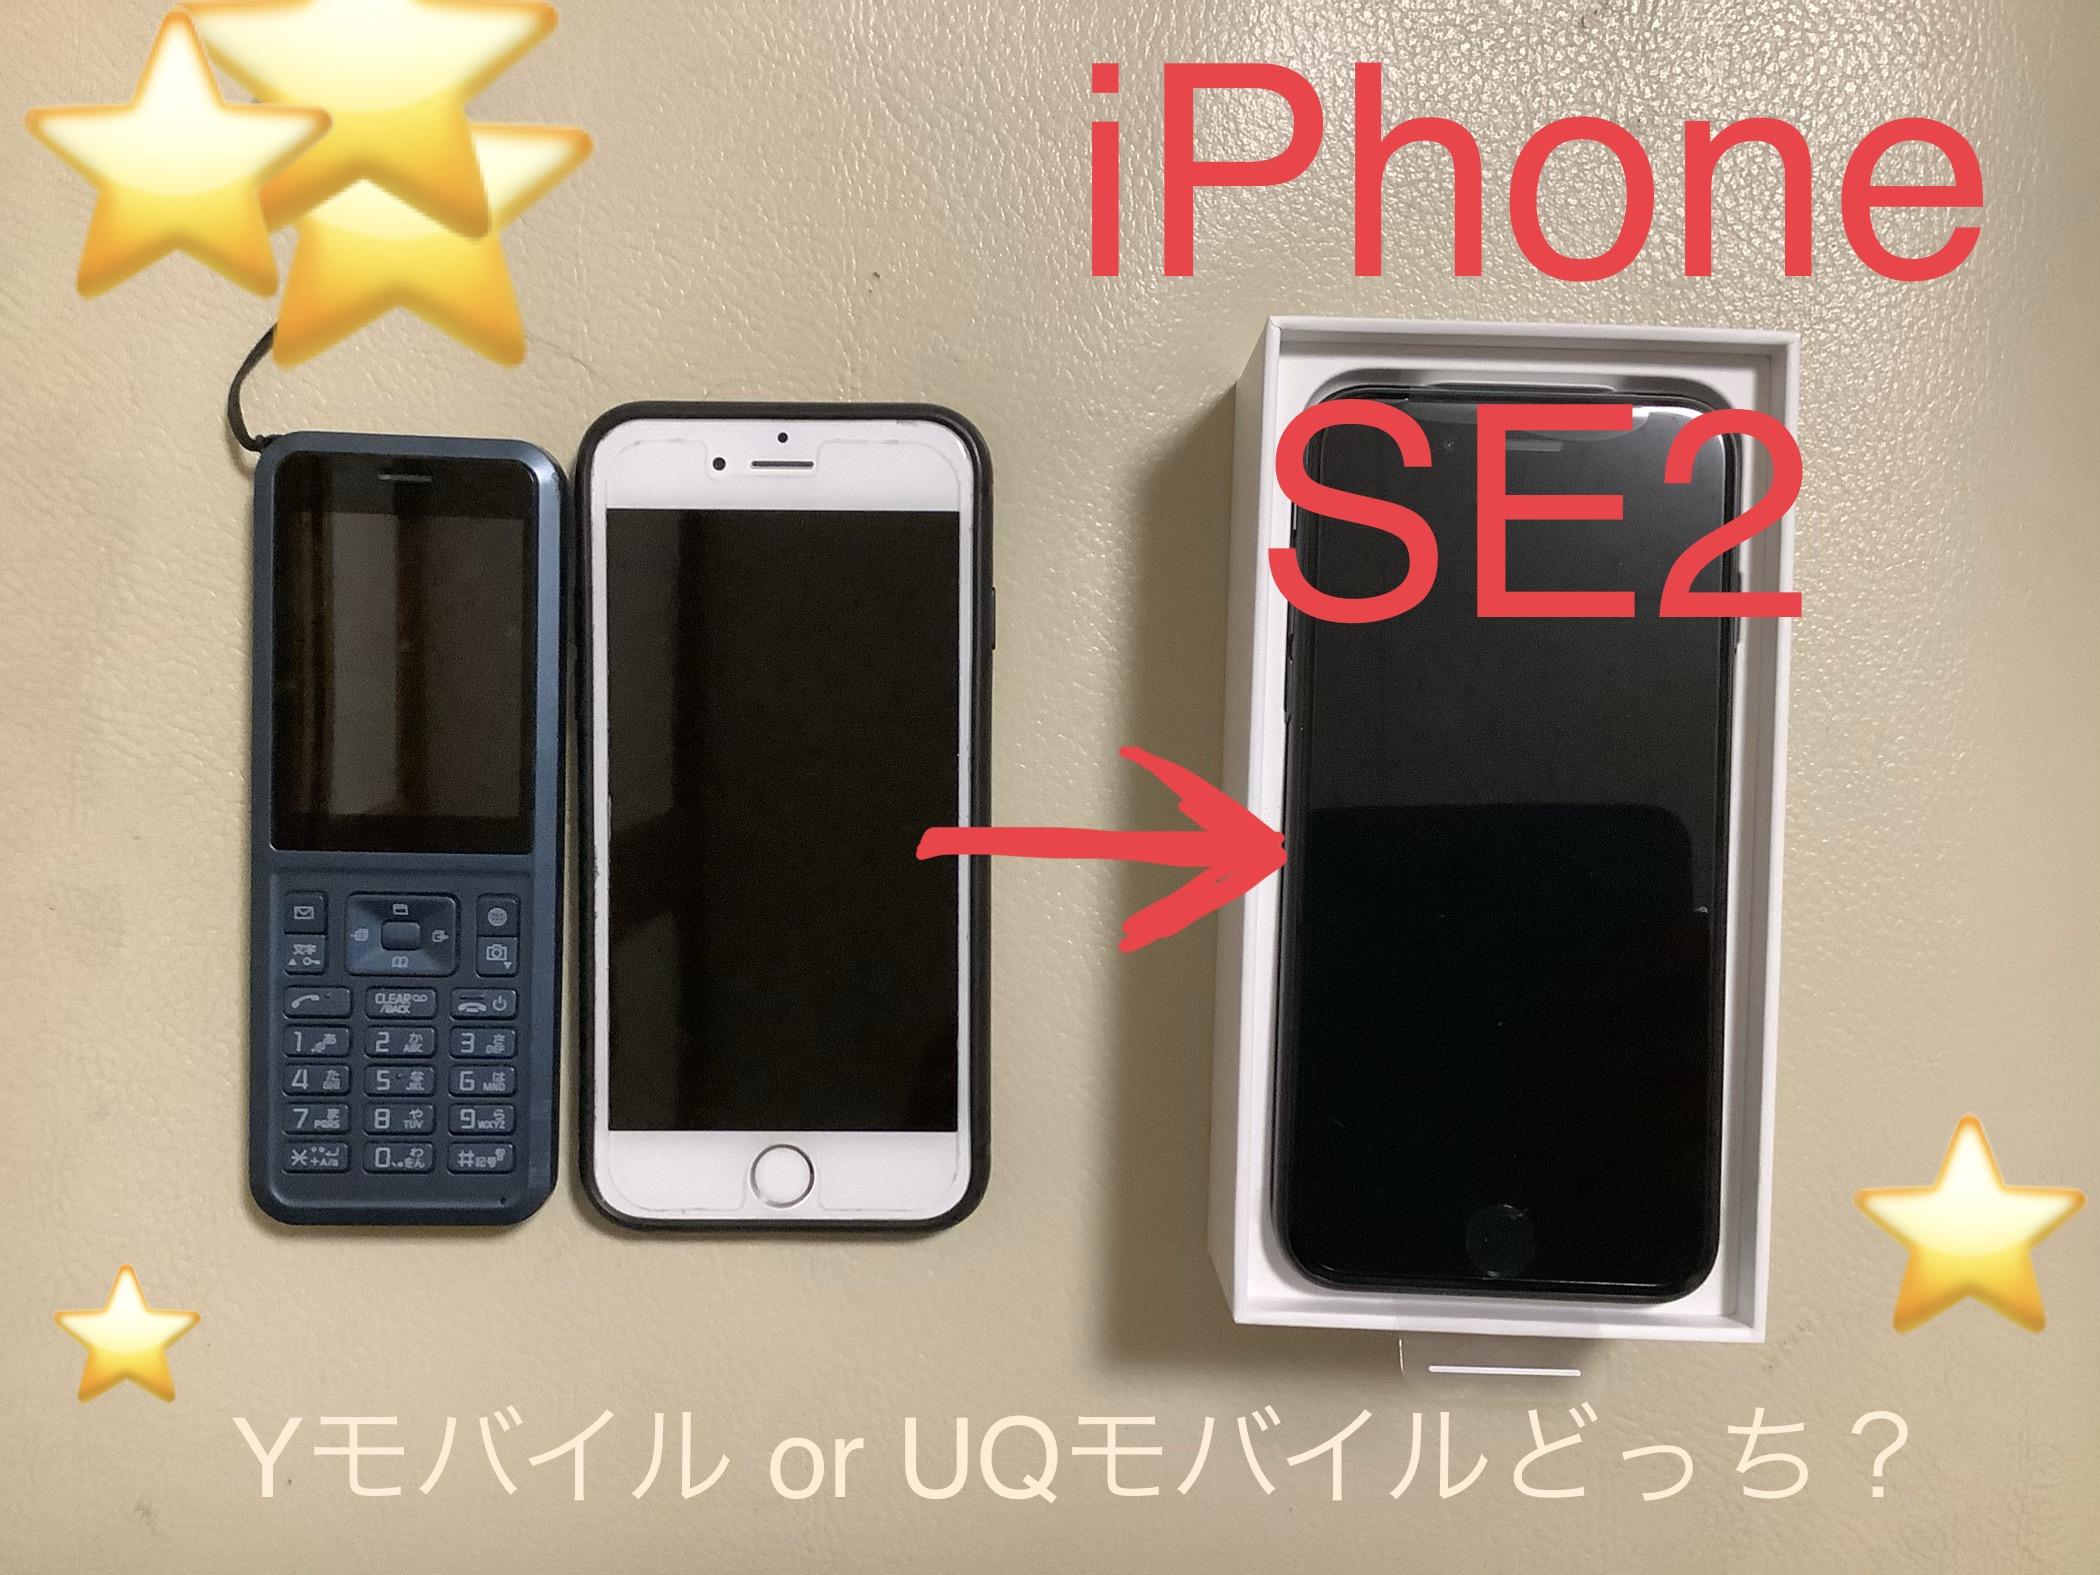 変更 機種 uq モバイル